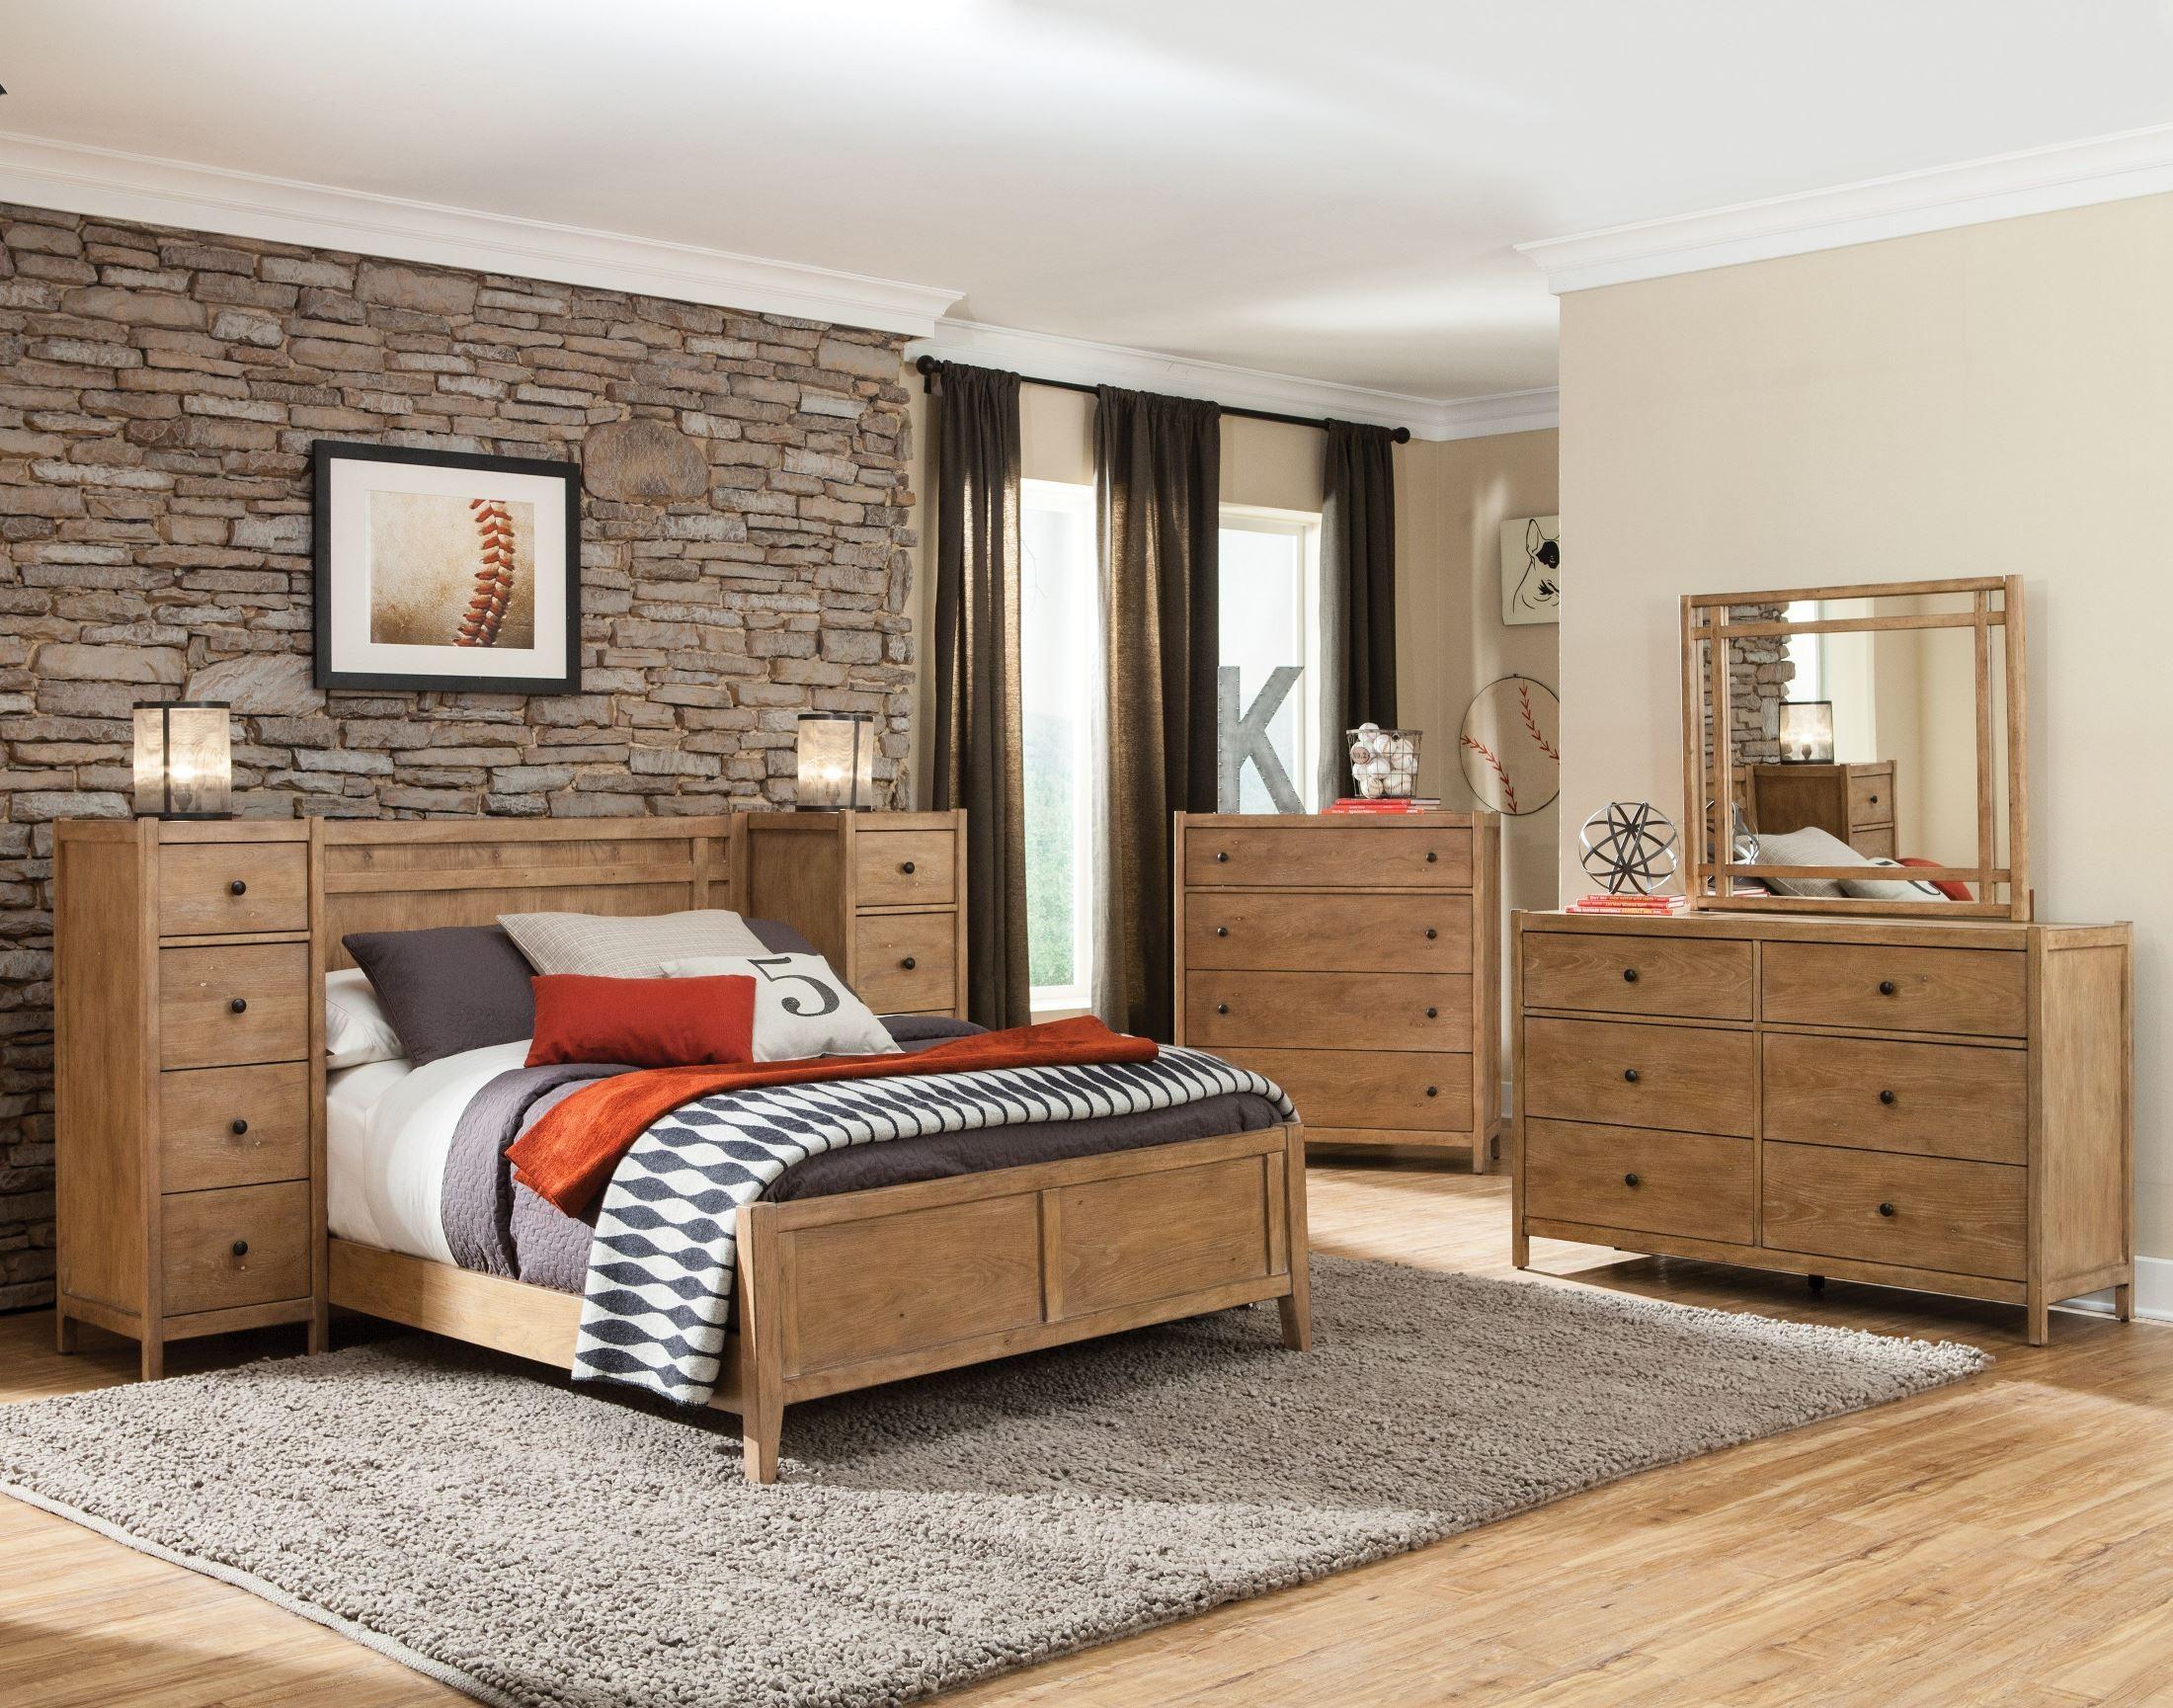 Essentials Driftwood Panel Bedroom Set, 1000-33-PAN